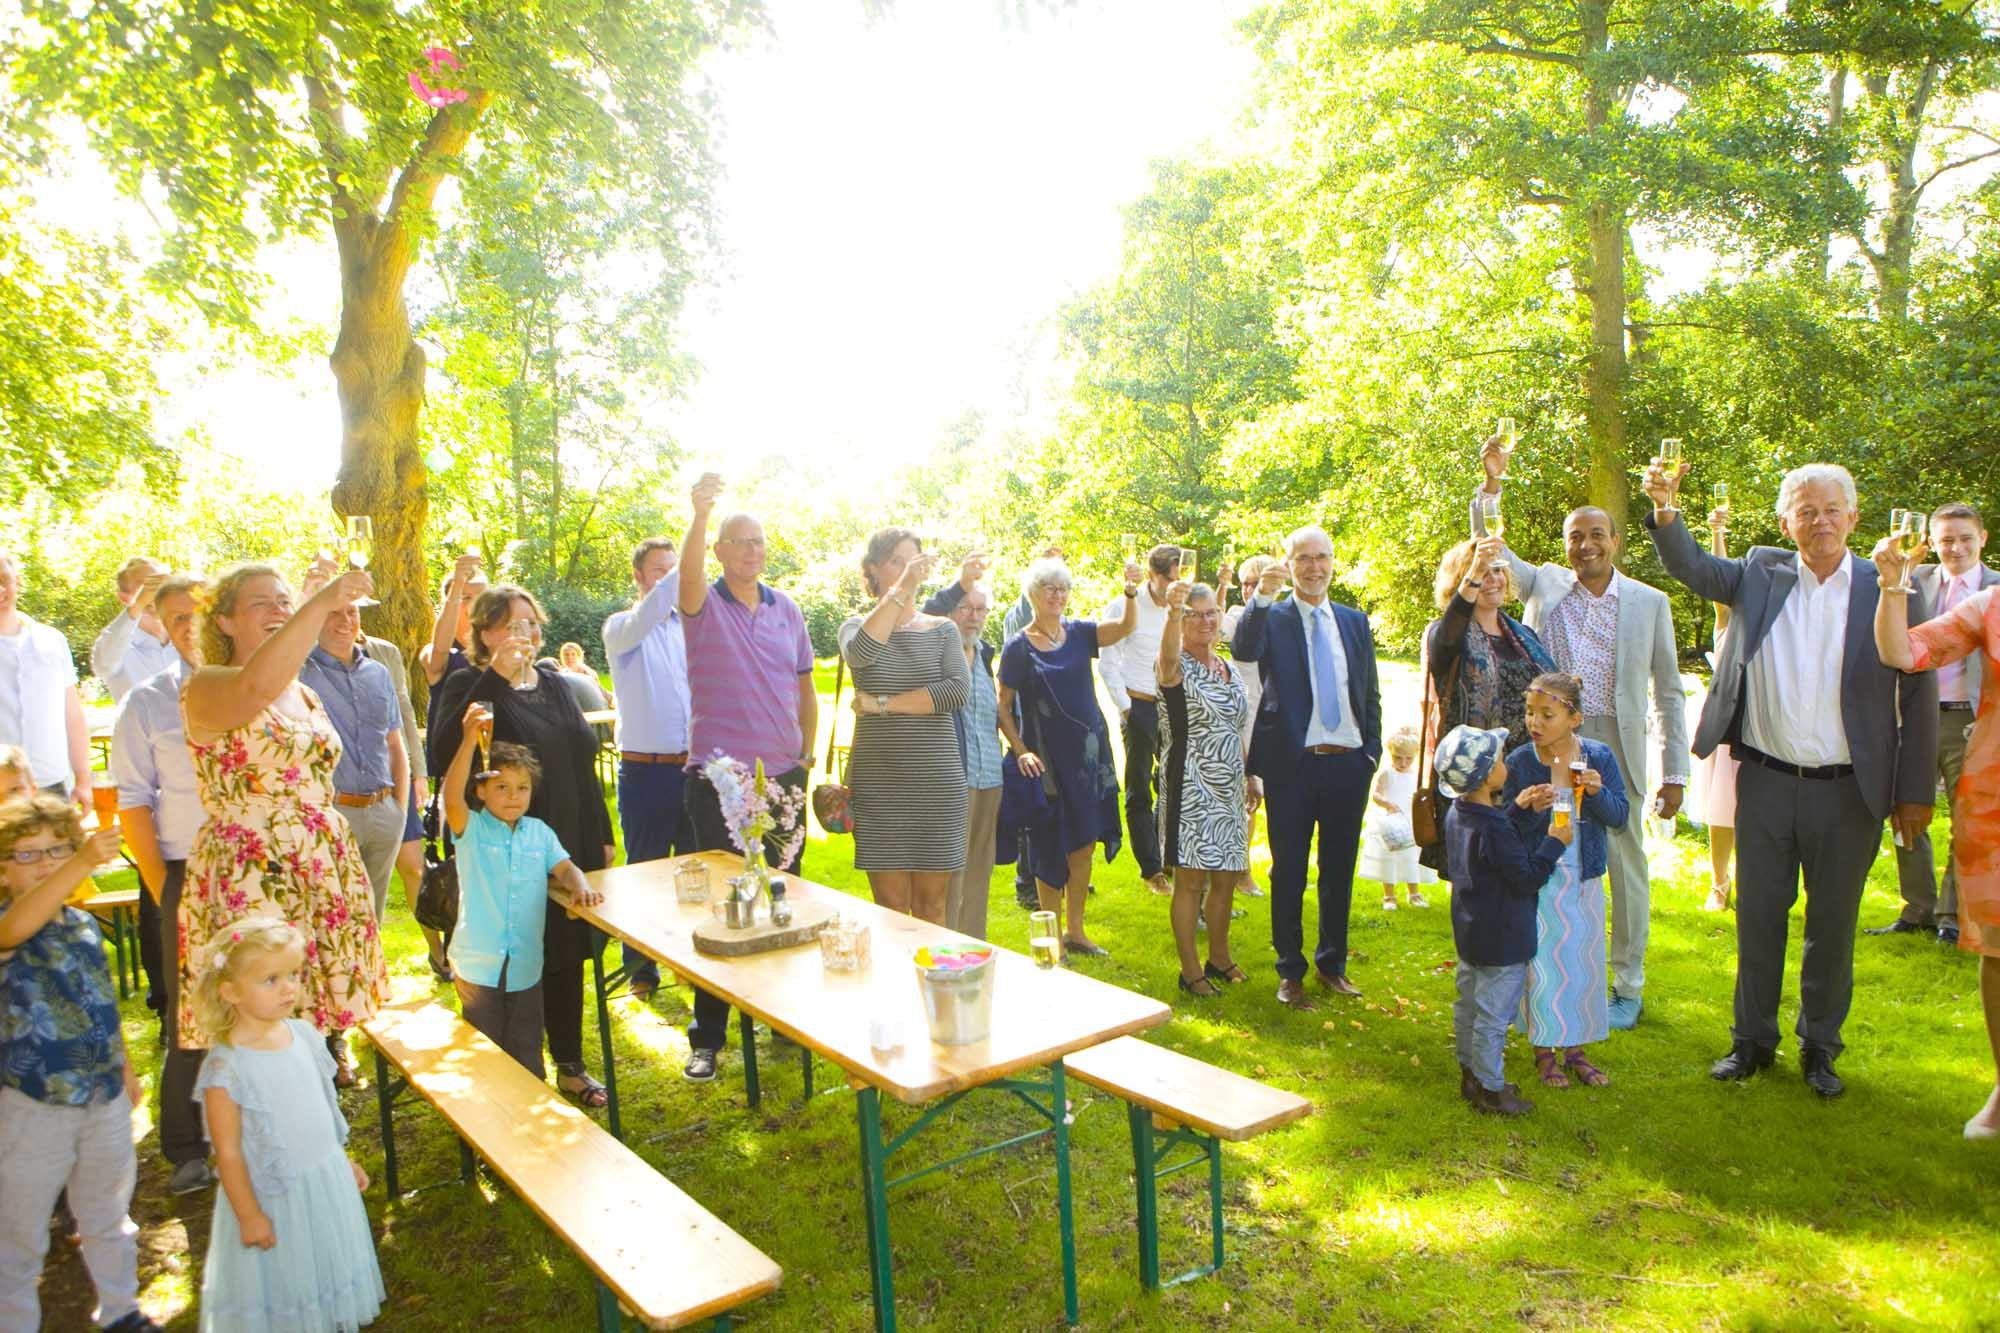 Bruidsfotografie bruiloft zomerbruiloft proosten gasten tijdens borrel buiten Hertenhorst Delft